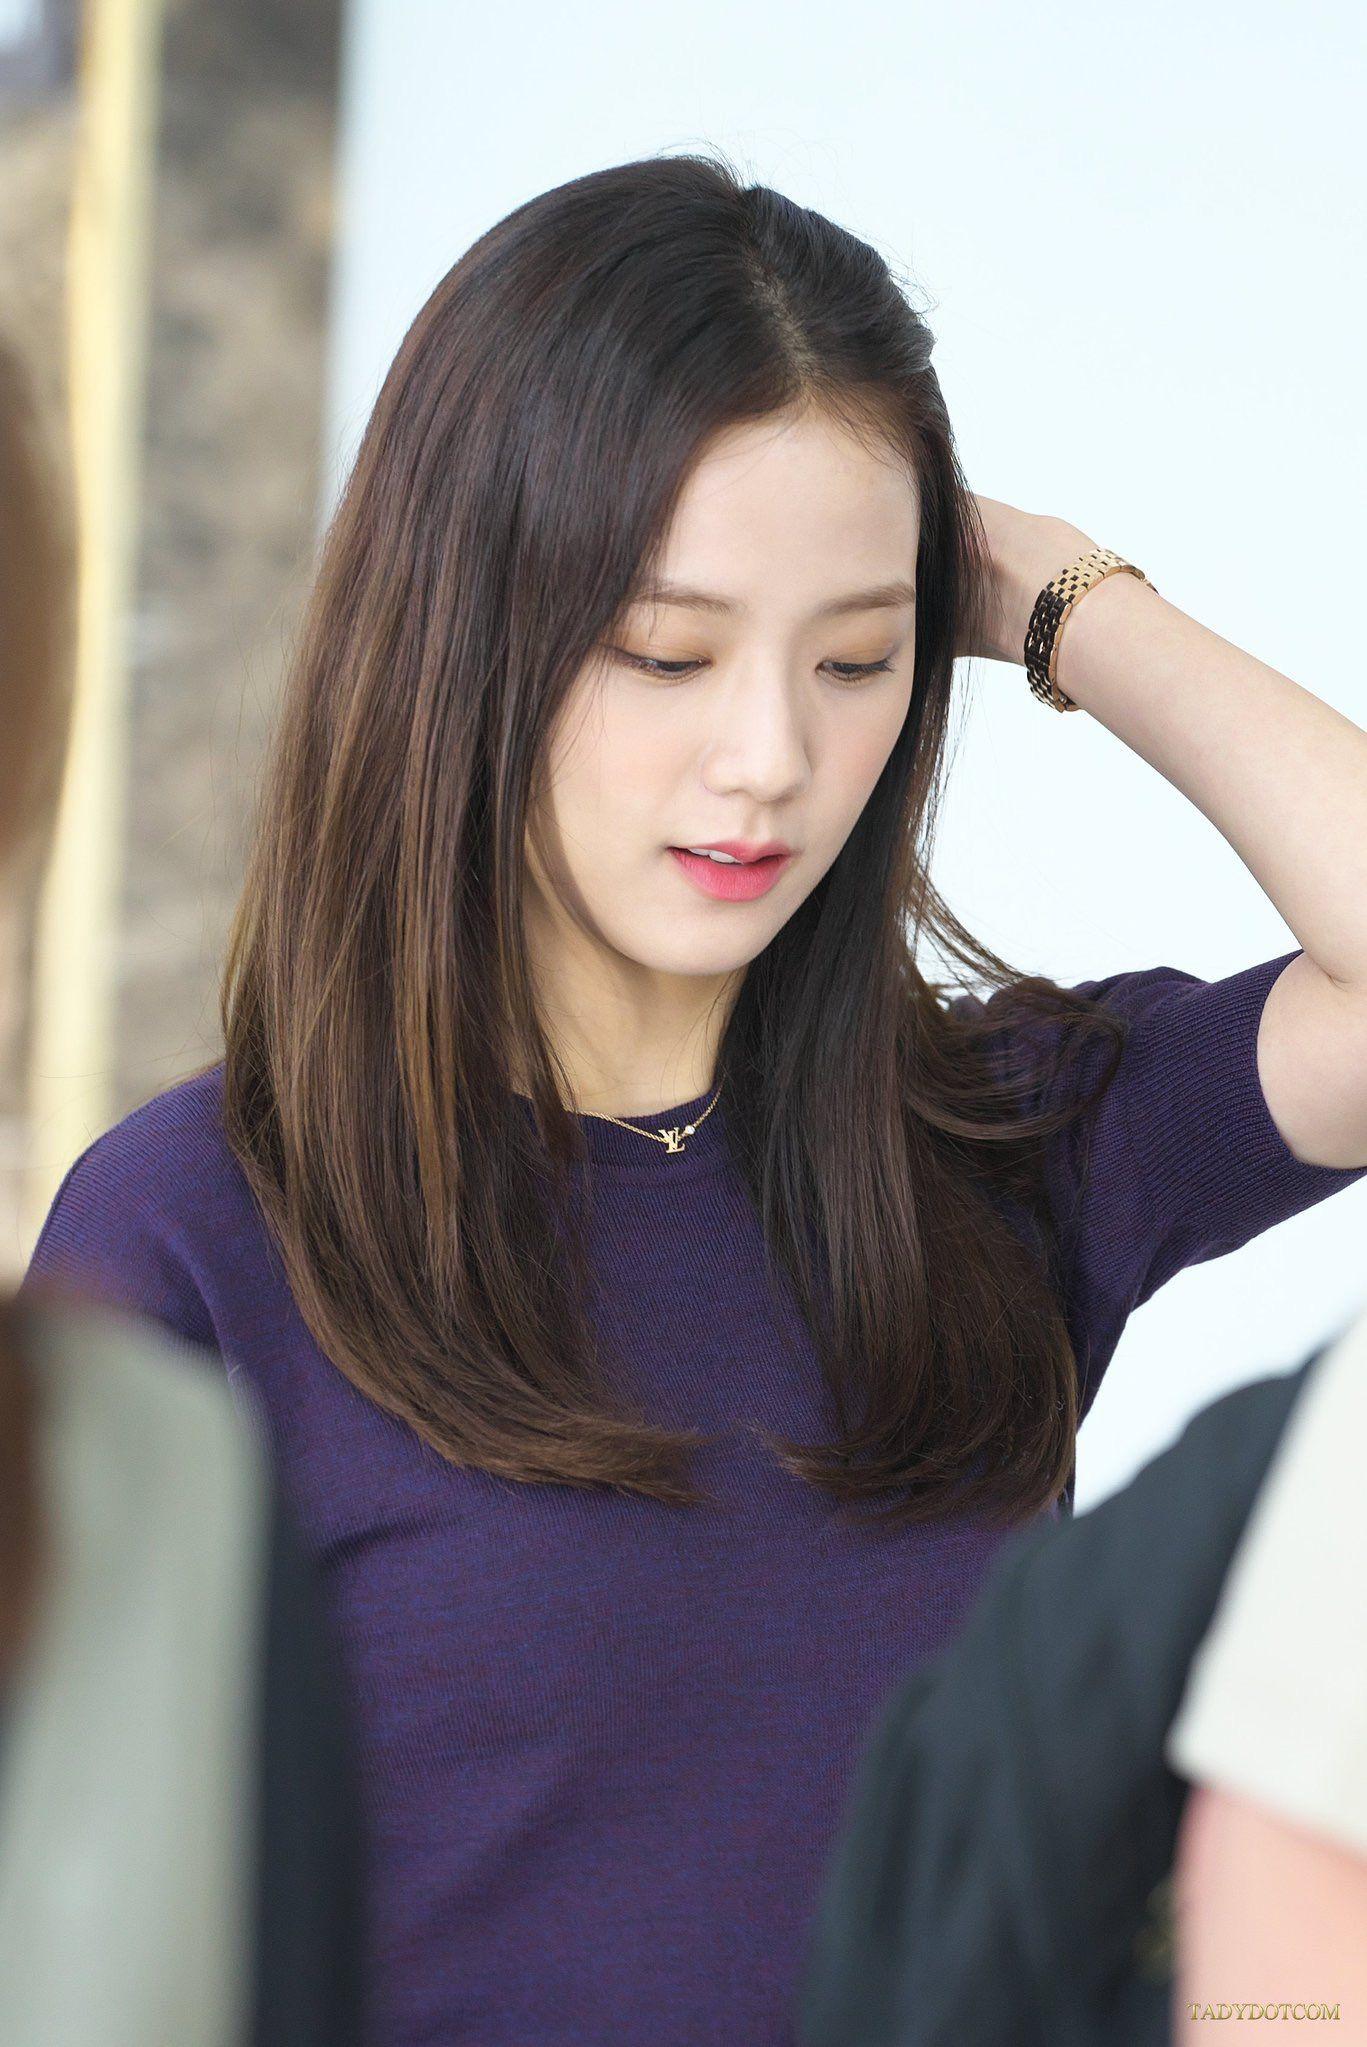 Jisoo Rabbit Kim On Twitter Girl Haircuts Hairstyle Blackpink Jisoo